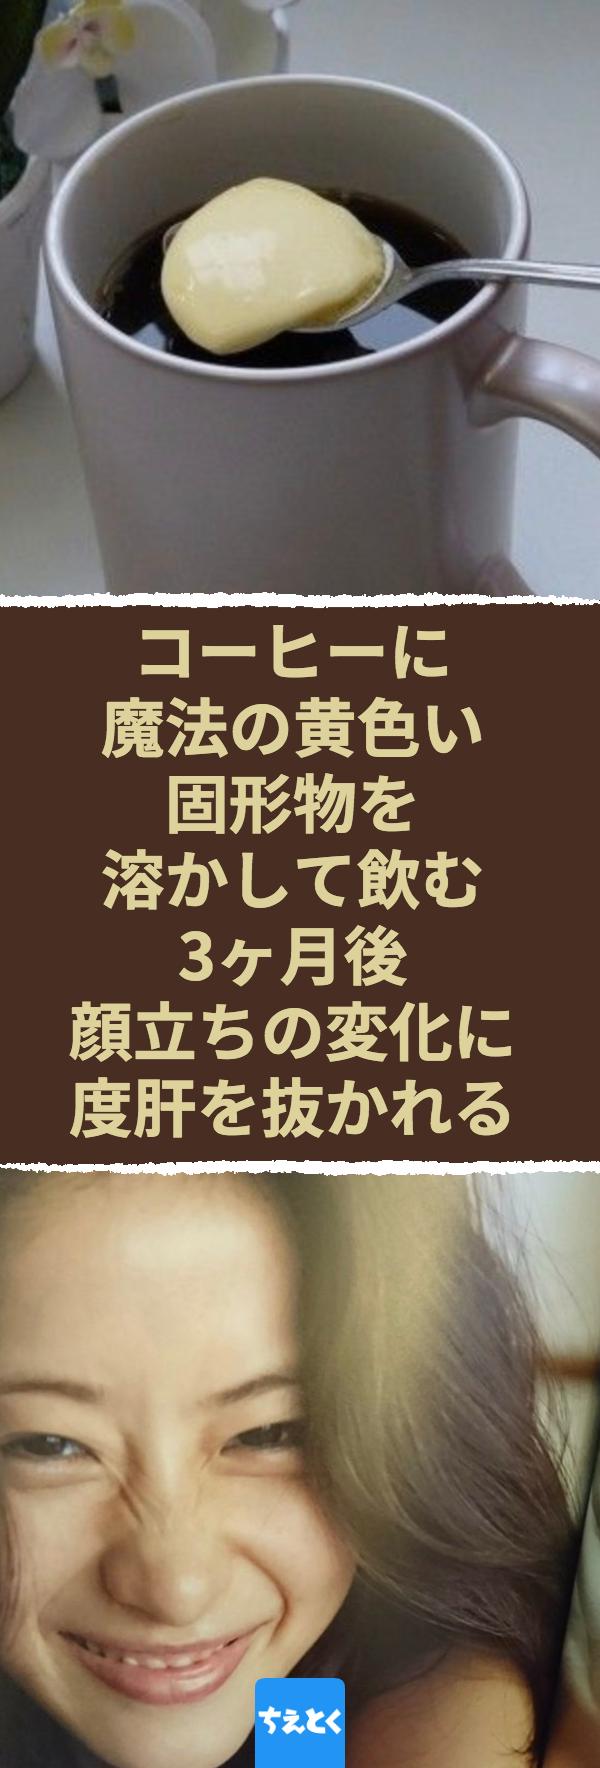 コーヒーに魔法の黄色い固形物を溶かして飲む 3ヶ月後顔立ちの変化に度肝を抜かれる シリコンバレーを席巻 魔法のダイエット バターコーヒー の作り方 シリコンバレー ダイエット バター コーヒー グラスフェッド Mctオイル 痩せる ファス